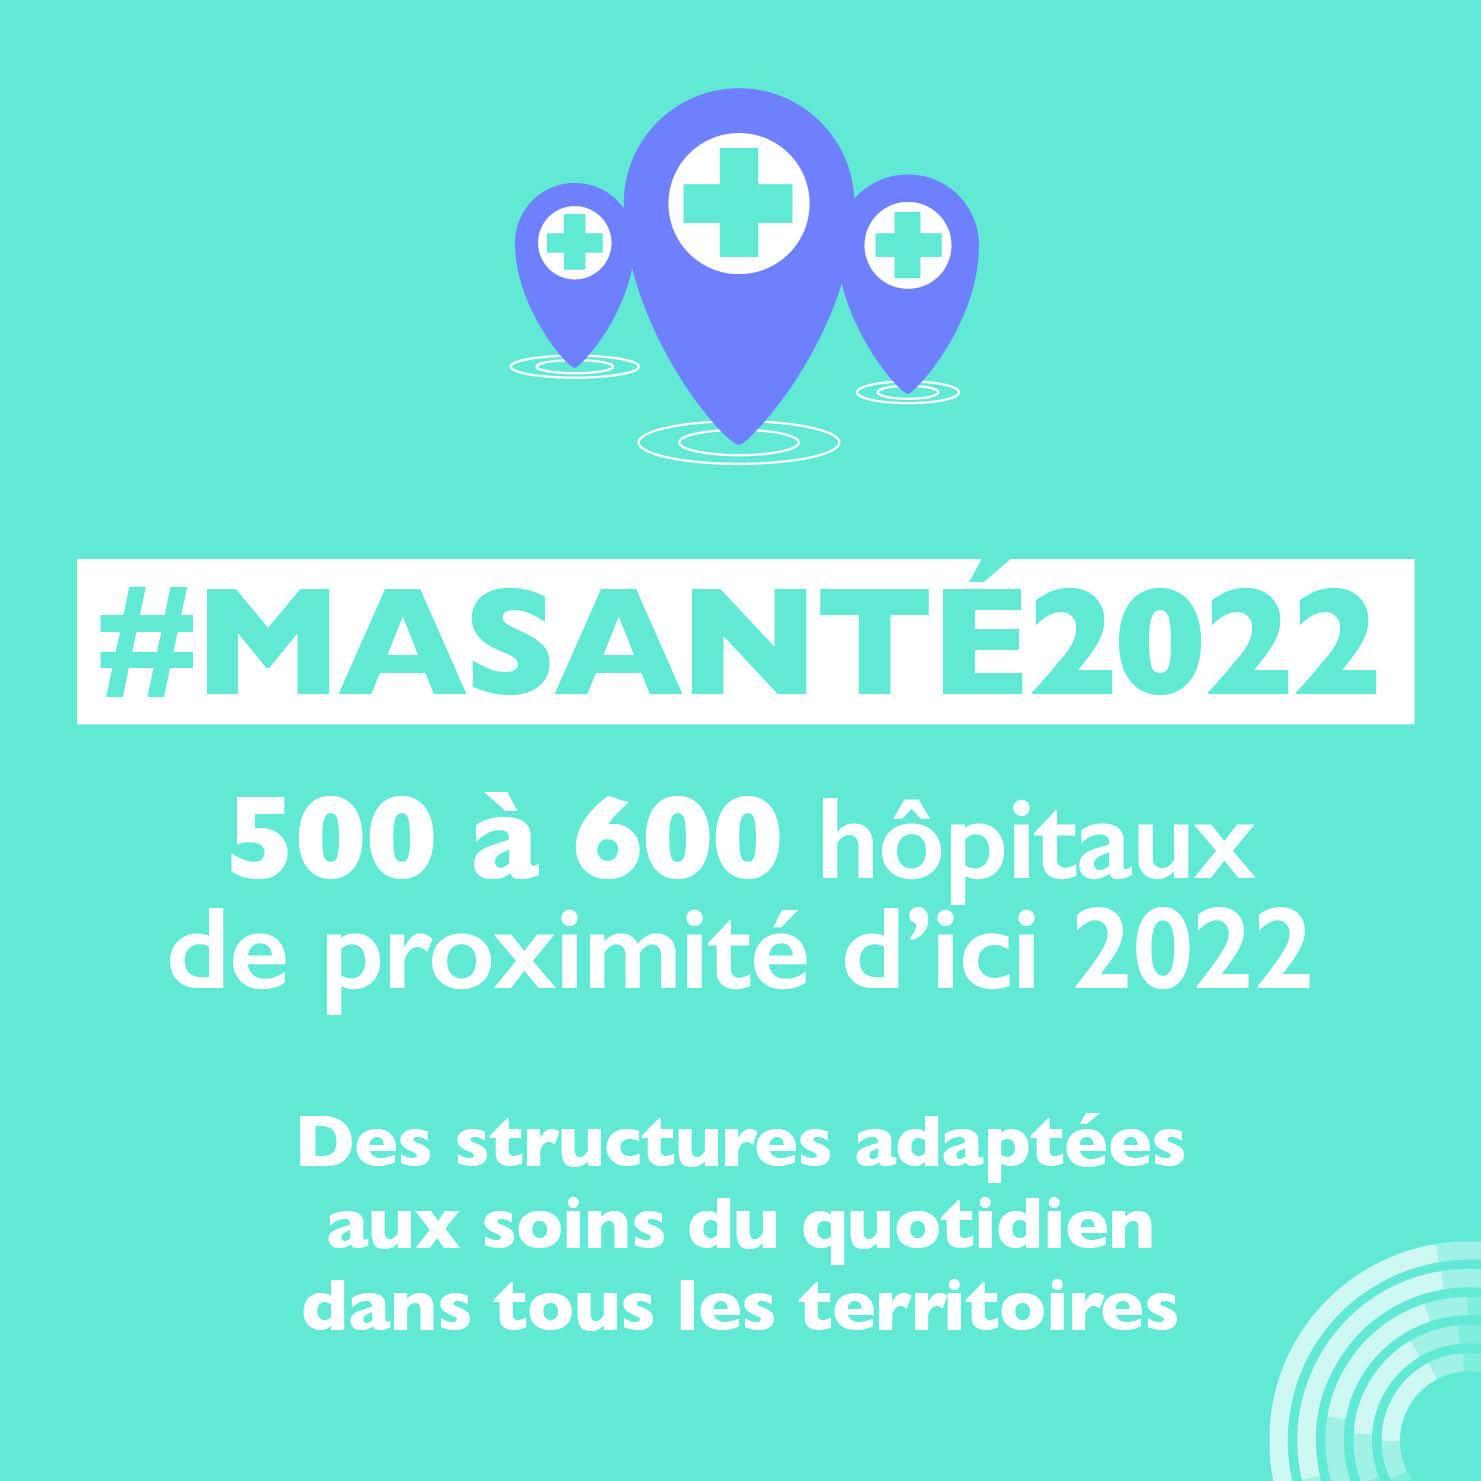 ma-santé-2022-hôpitaux-